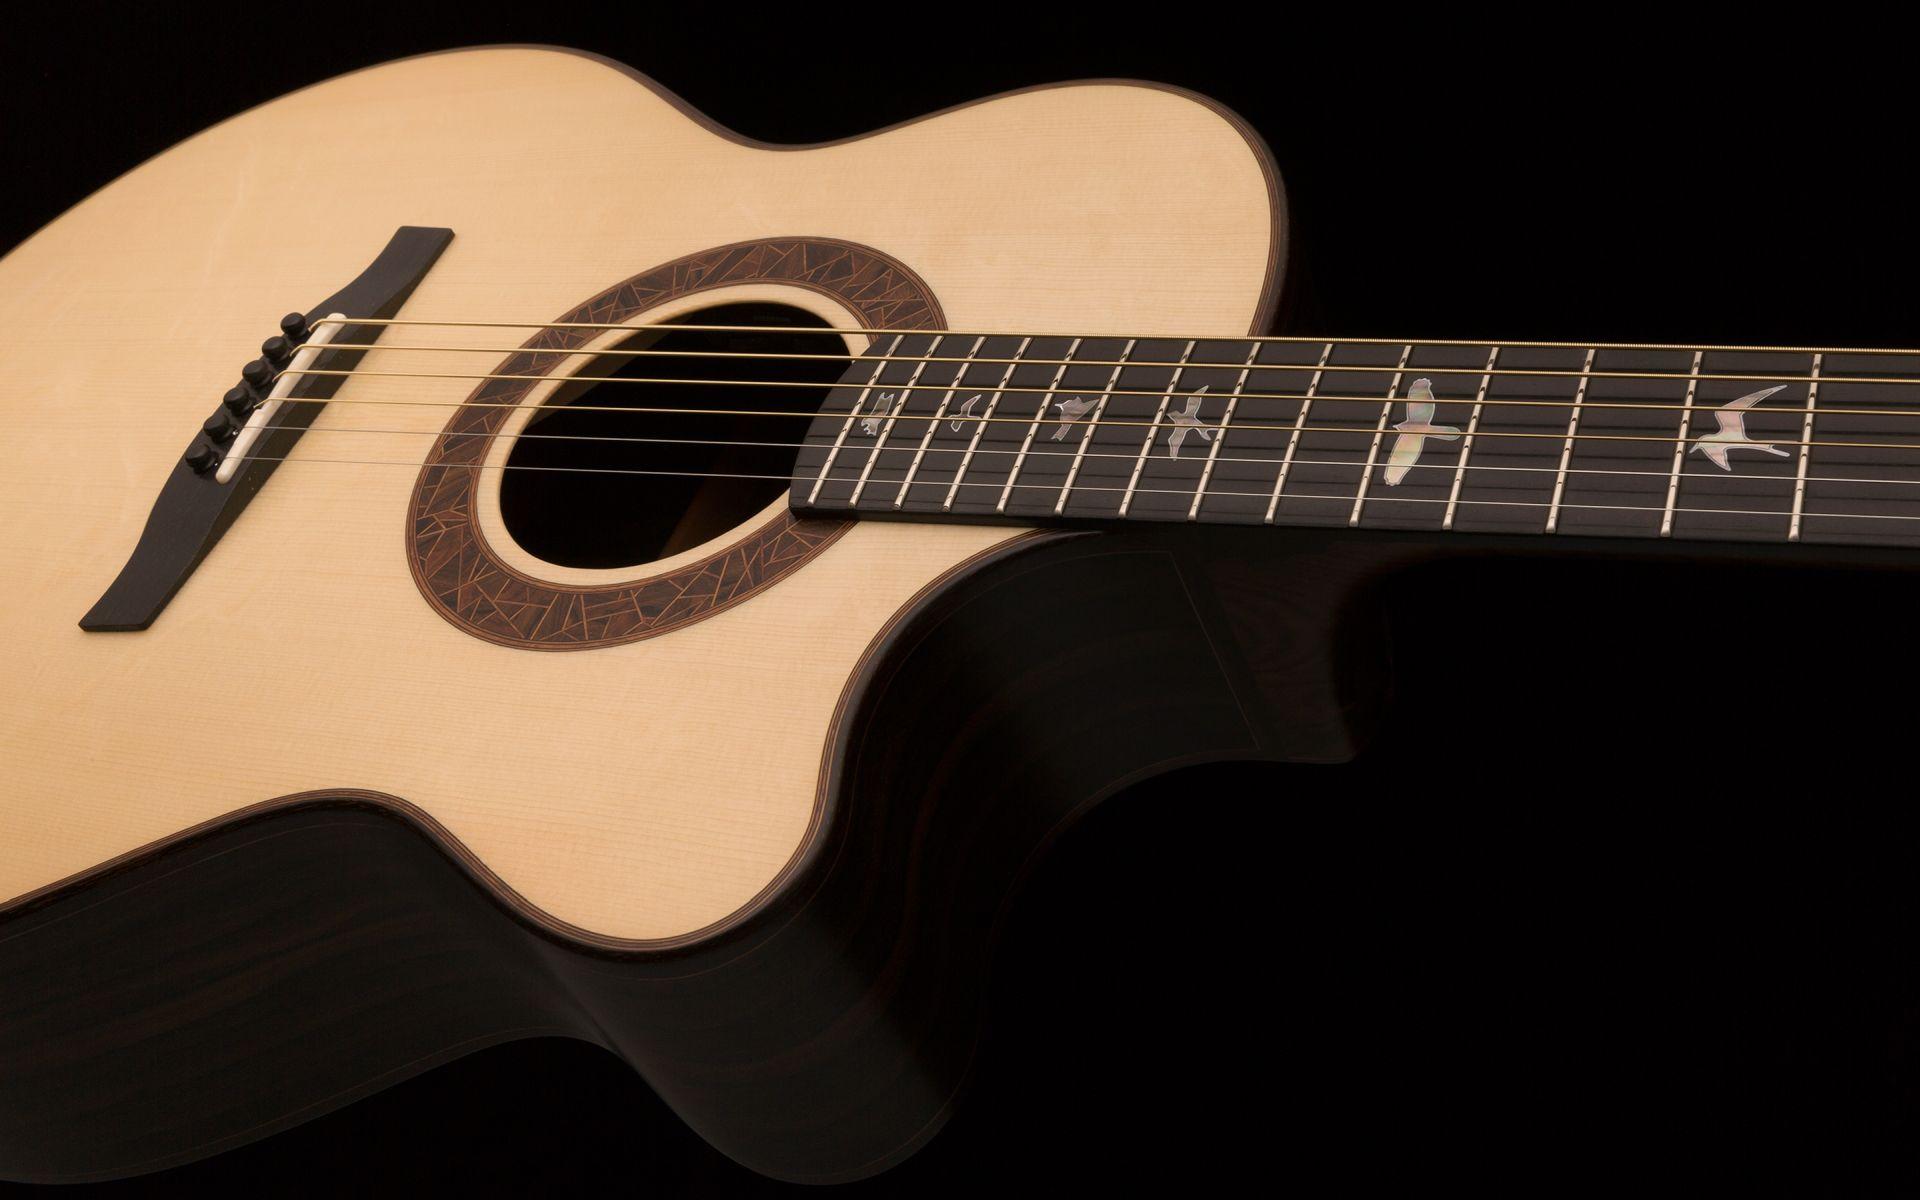 Acoustic Guitar, Full HD Wallpaper